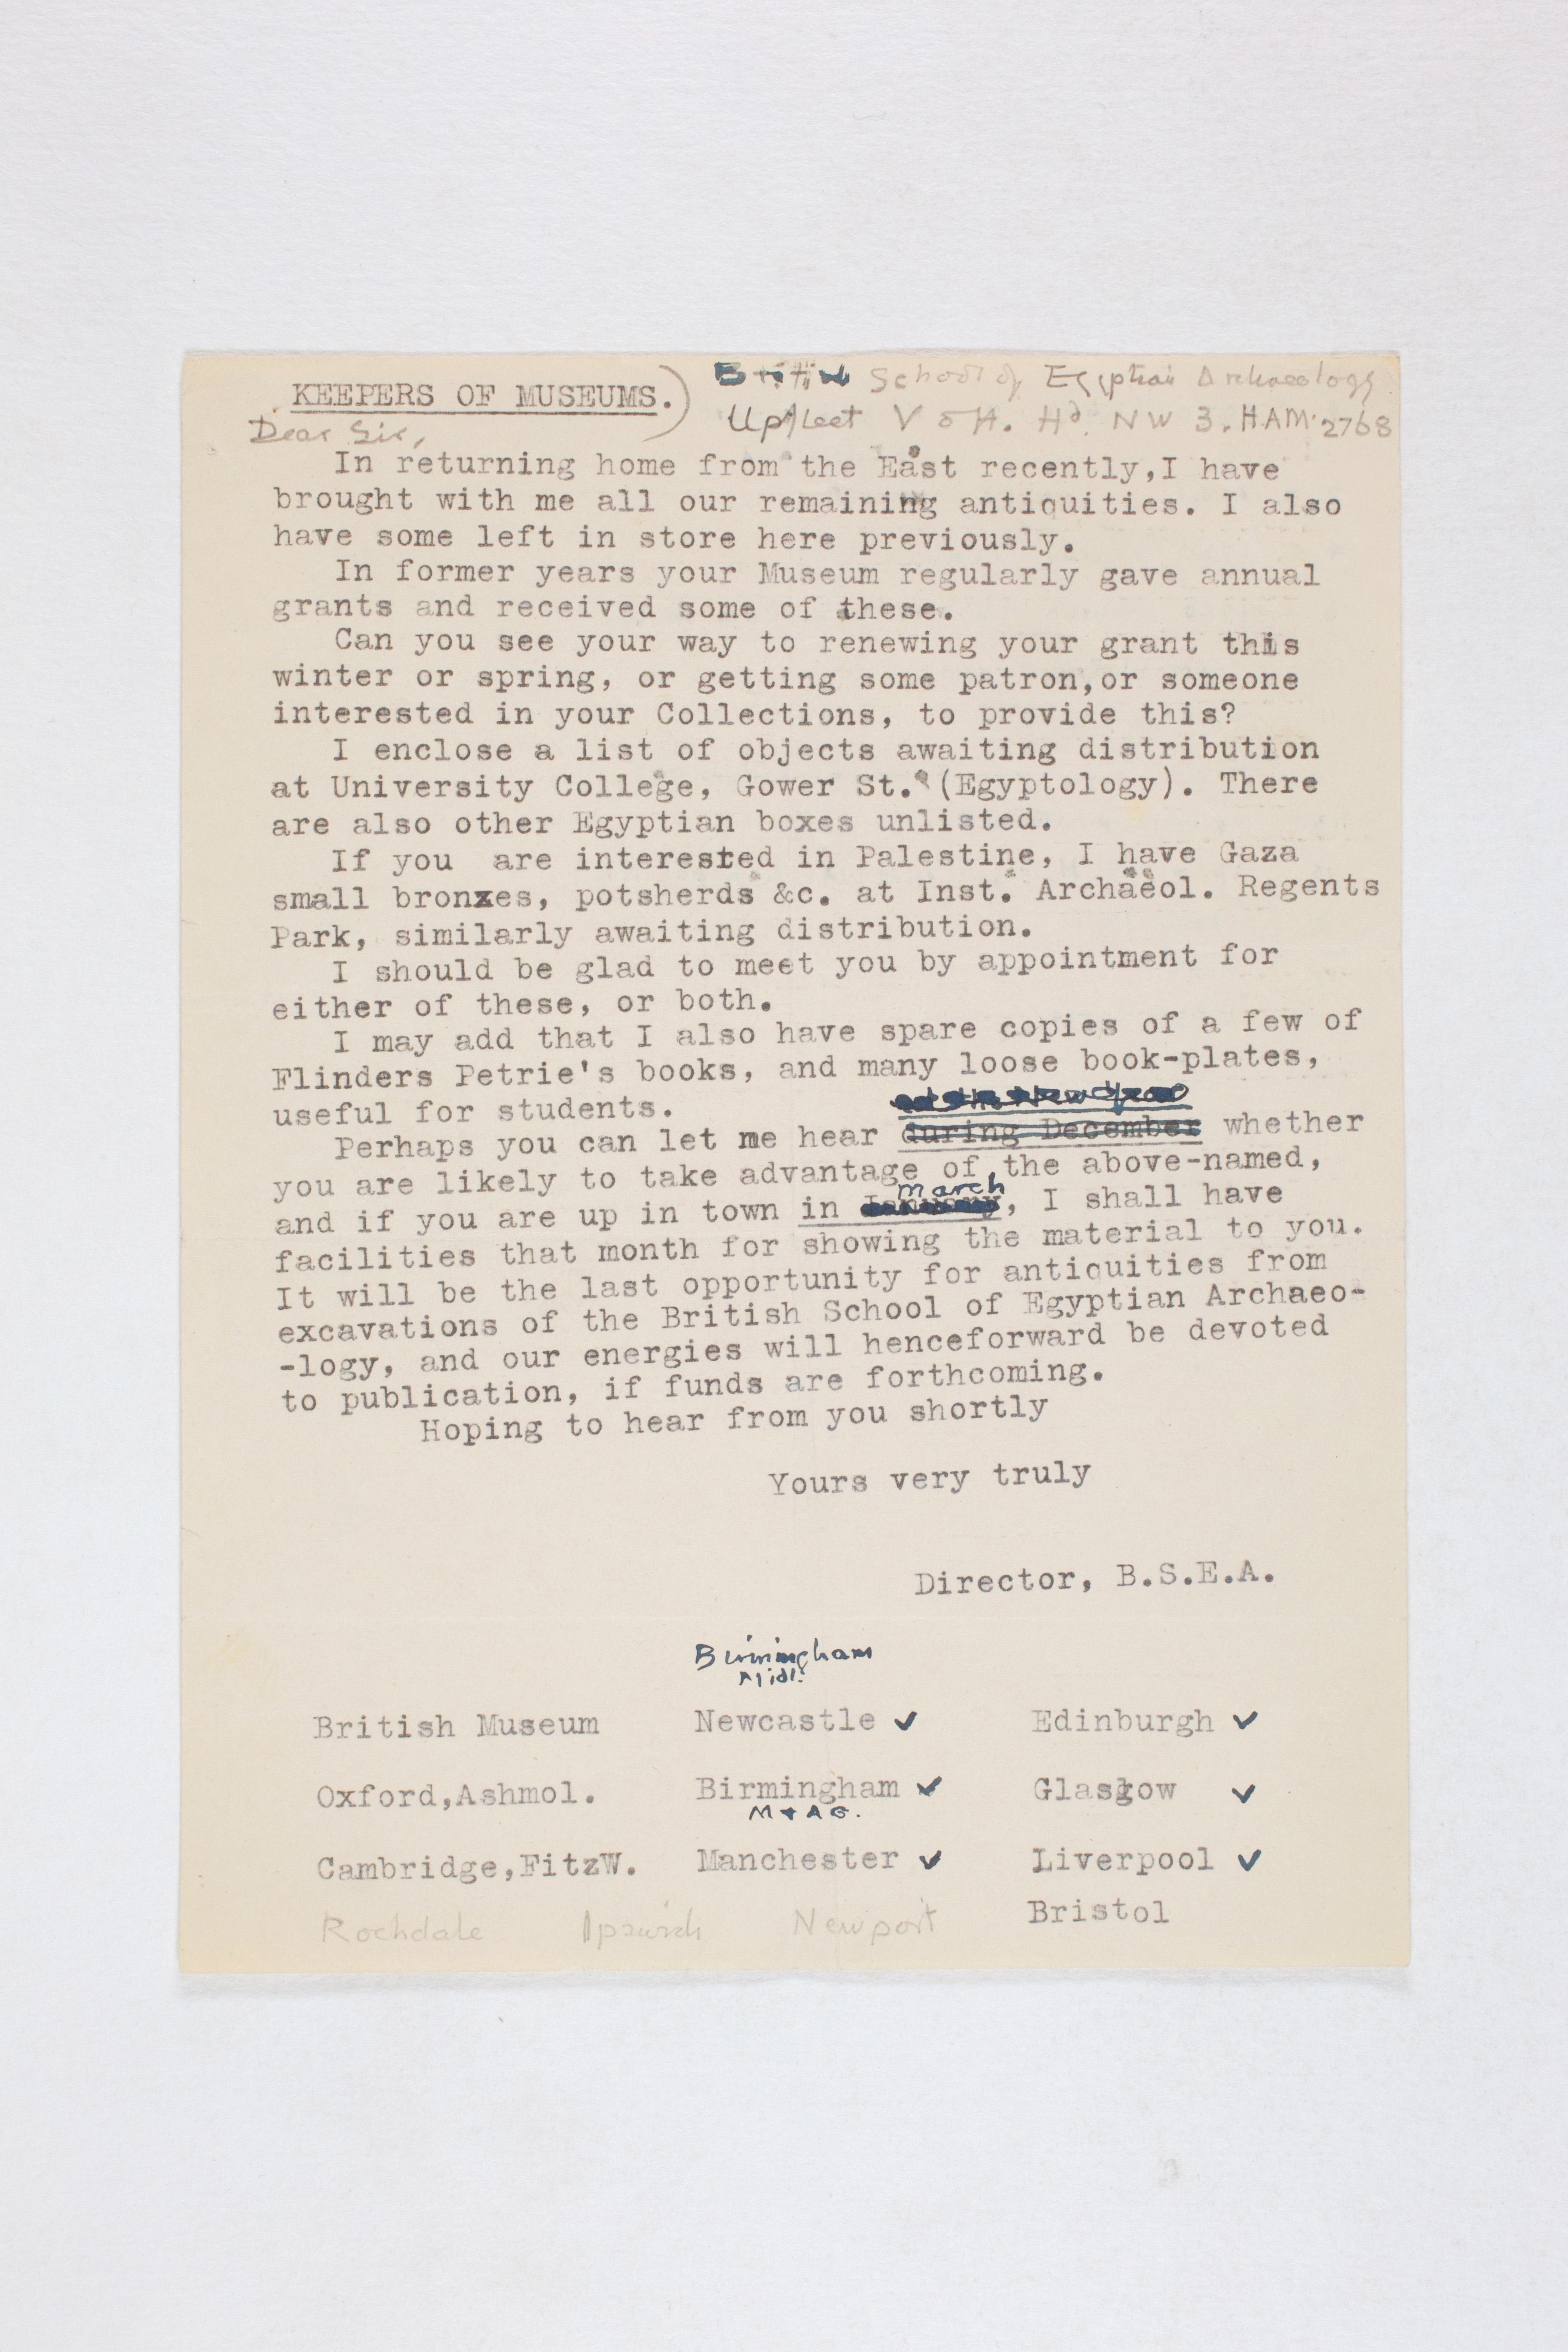 1931-50 Reserve correspondence Correspondence PMA/WFP1/D/32/22.1